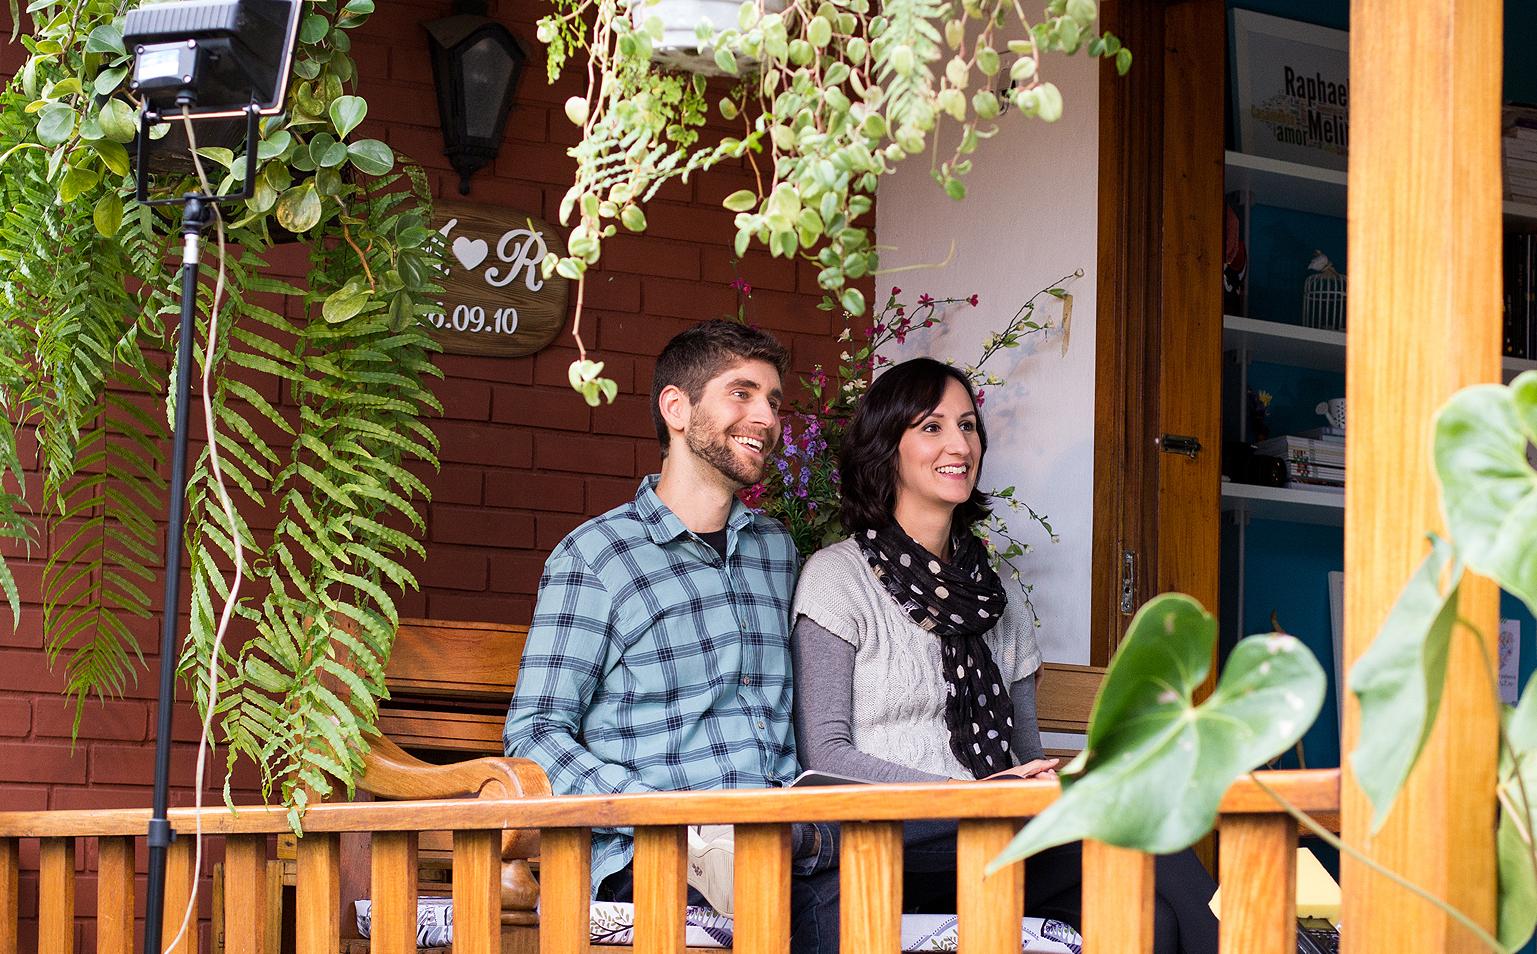 Curtindo o fim de tarde na varanda e gravando juntos - Foto: Carol Lá Lach